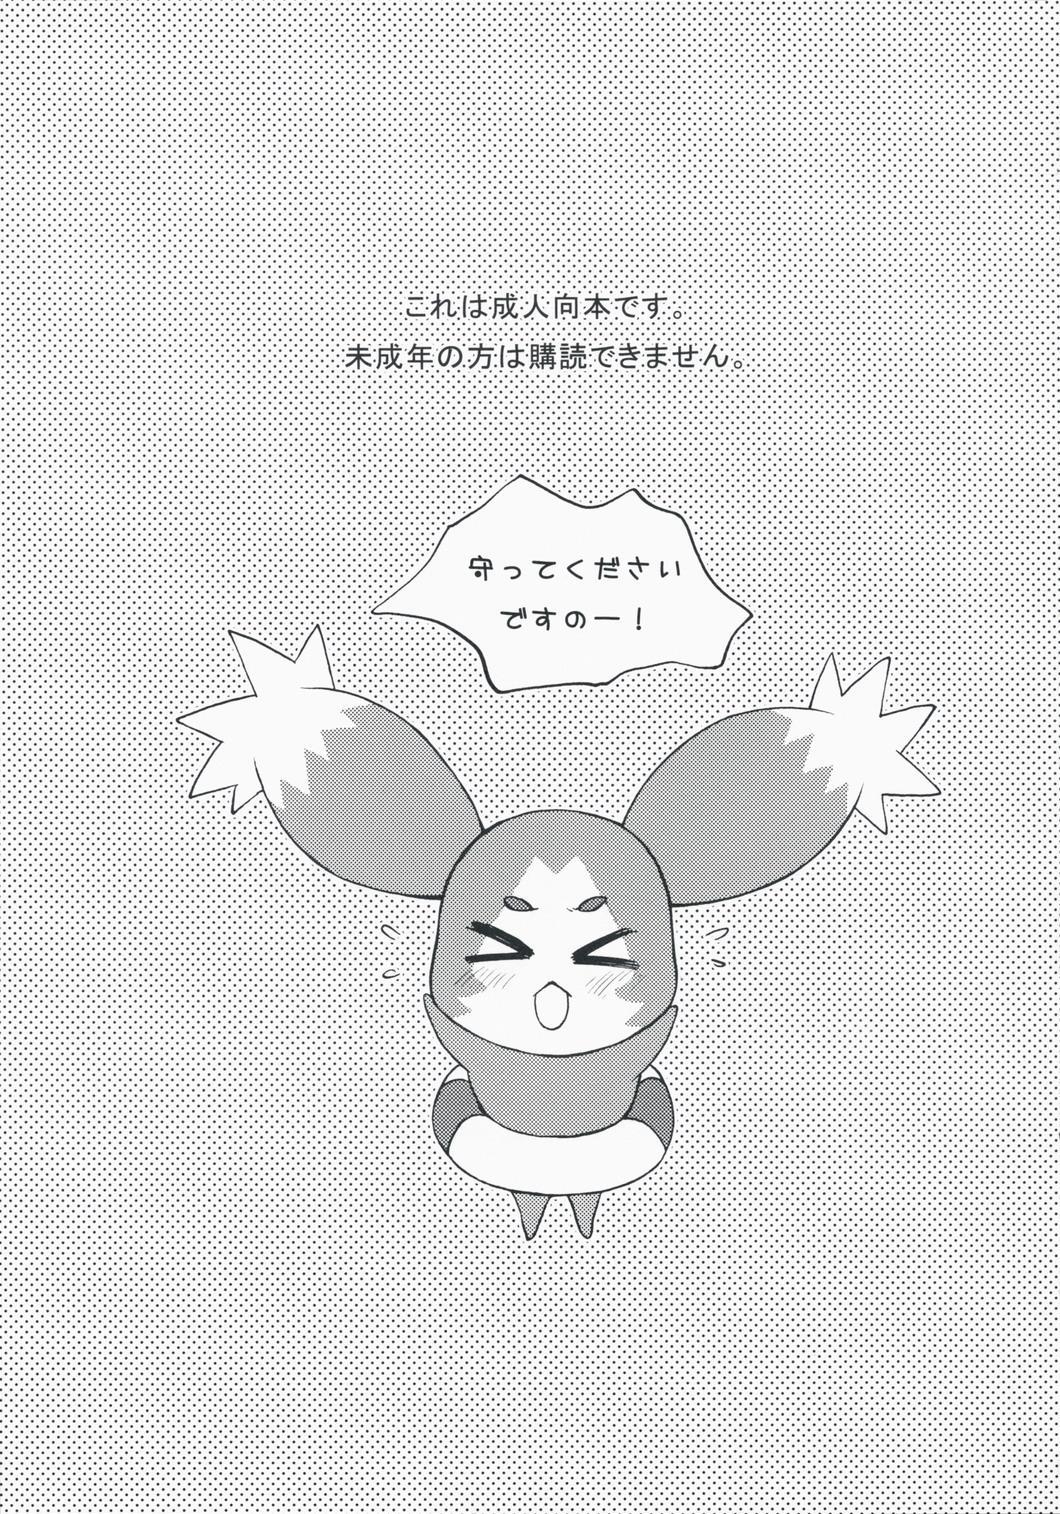 Kawaii Kotoha Yoikoto Dato Omoi Masu 1